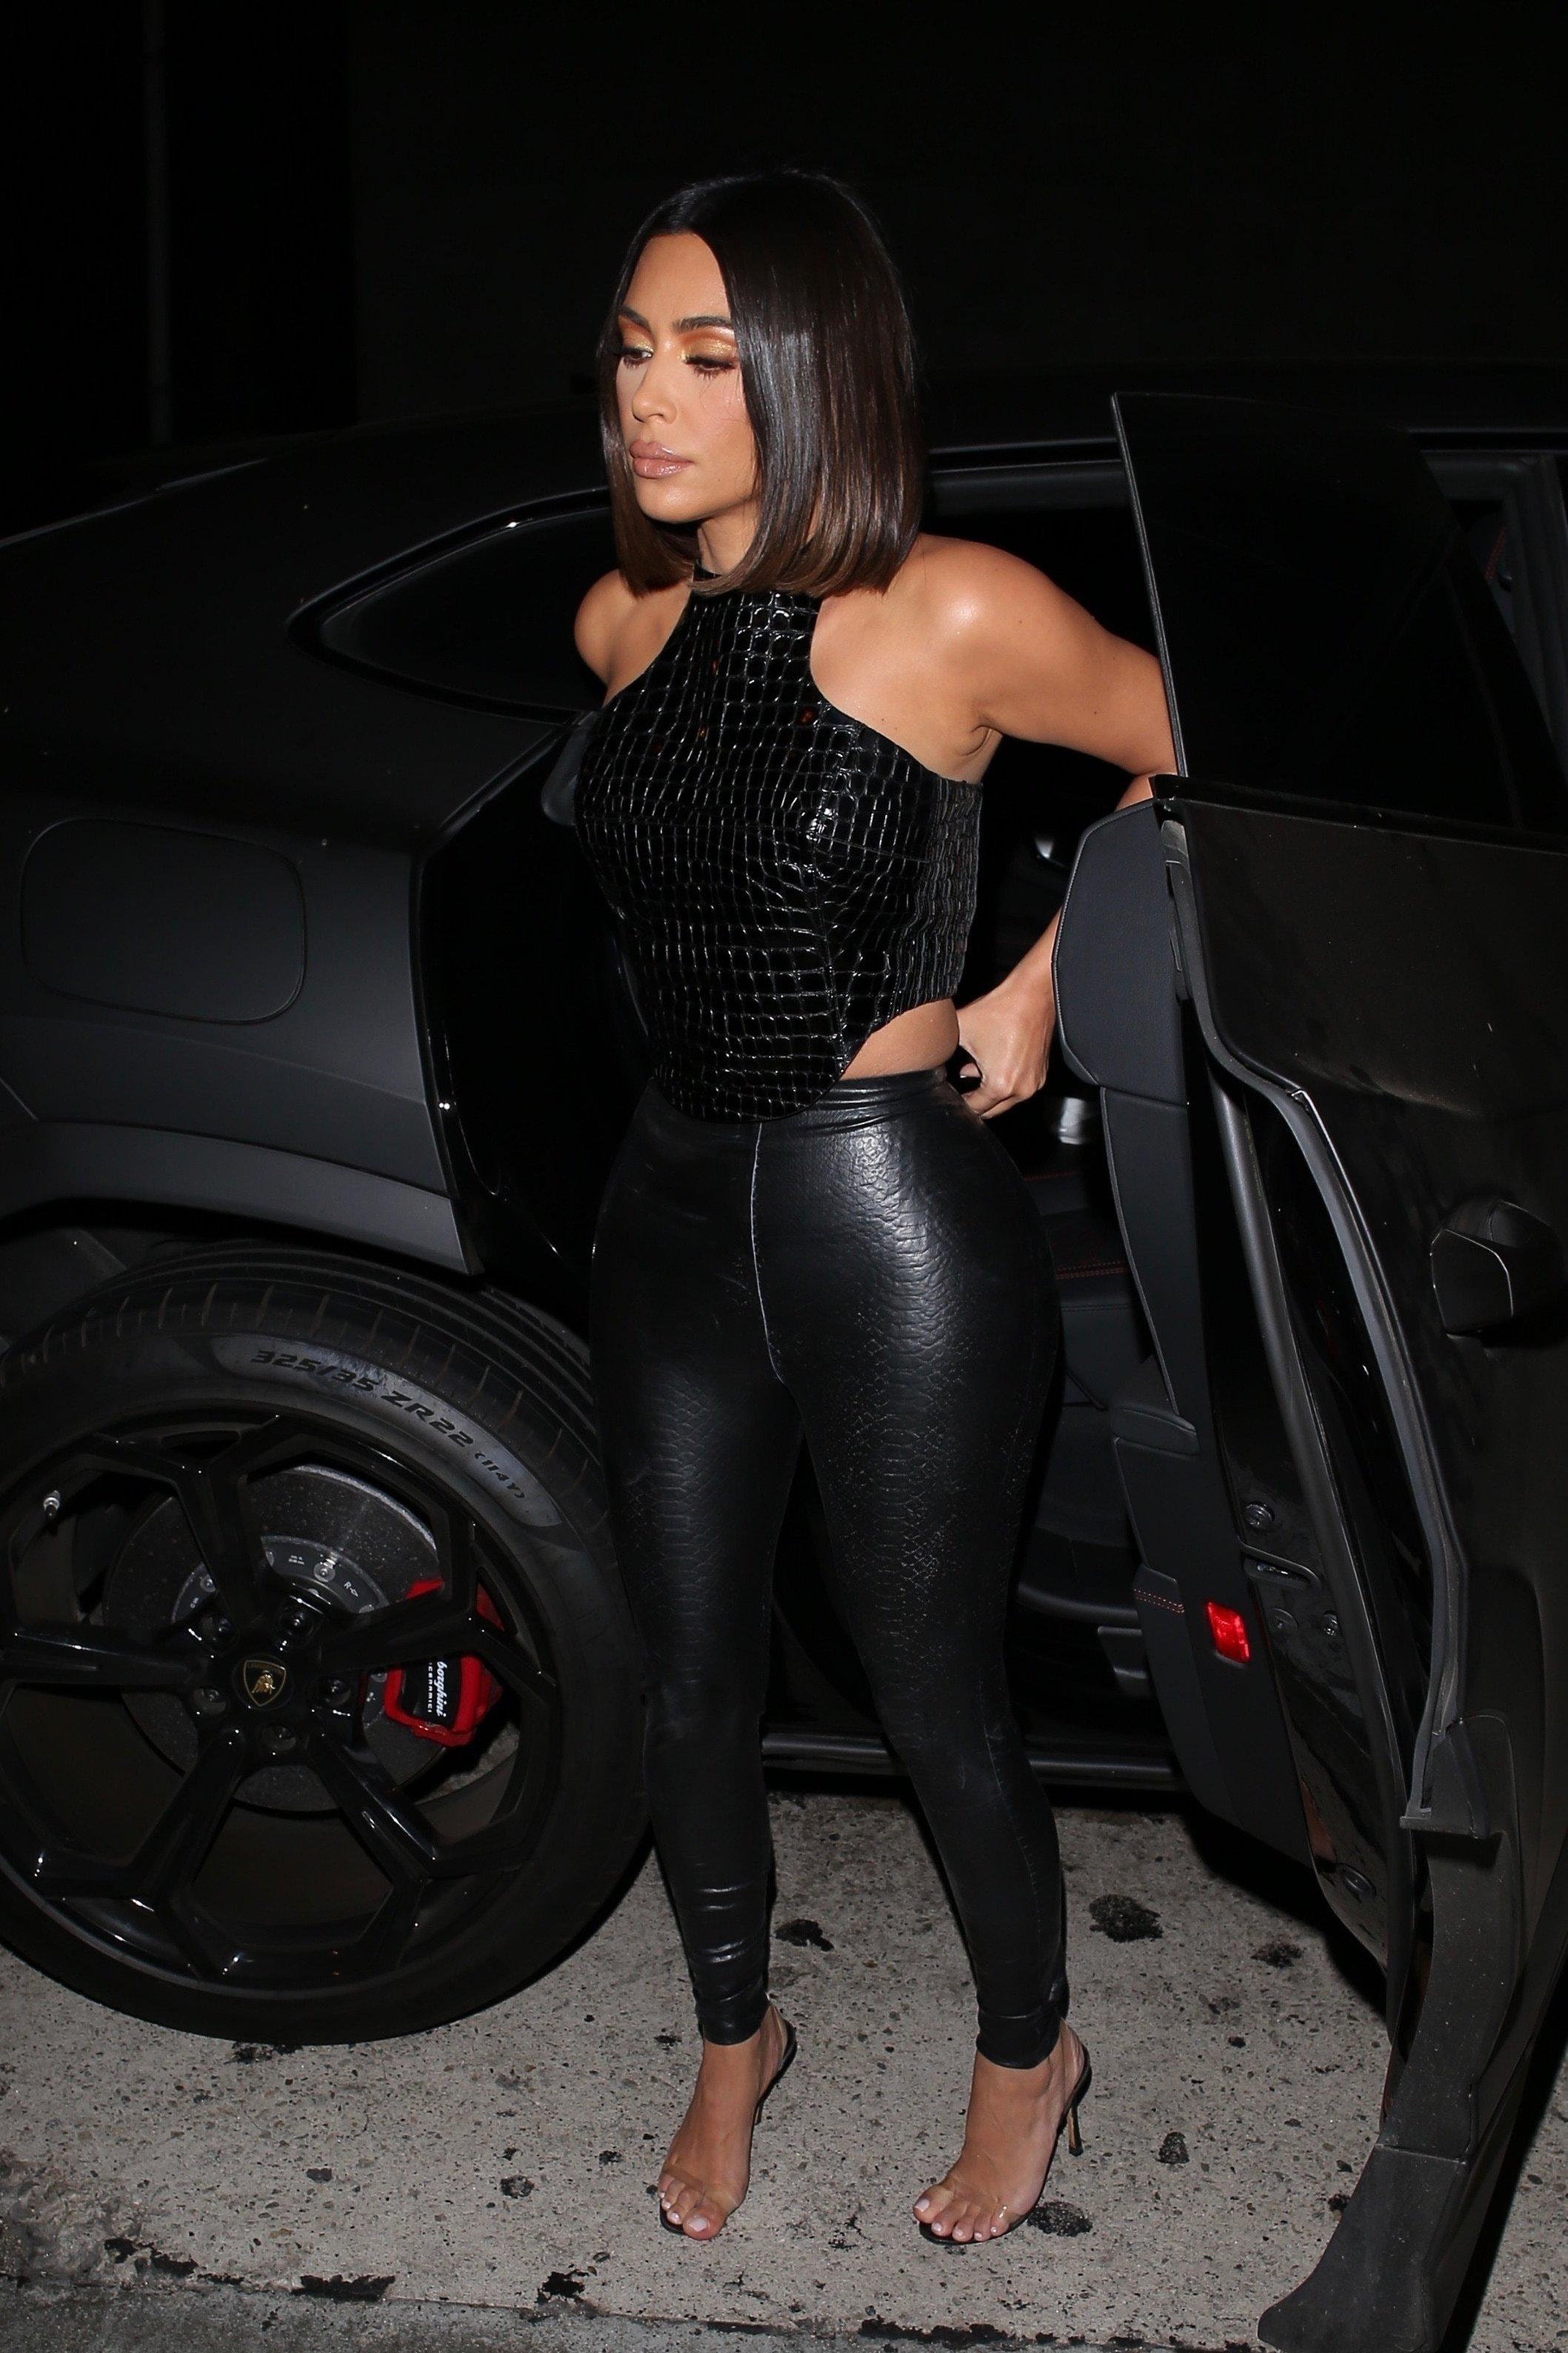 pants leather vinyl kim kardashian kardashians sexy top black